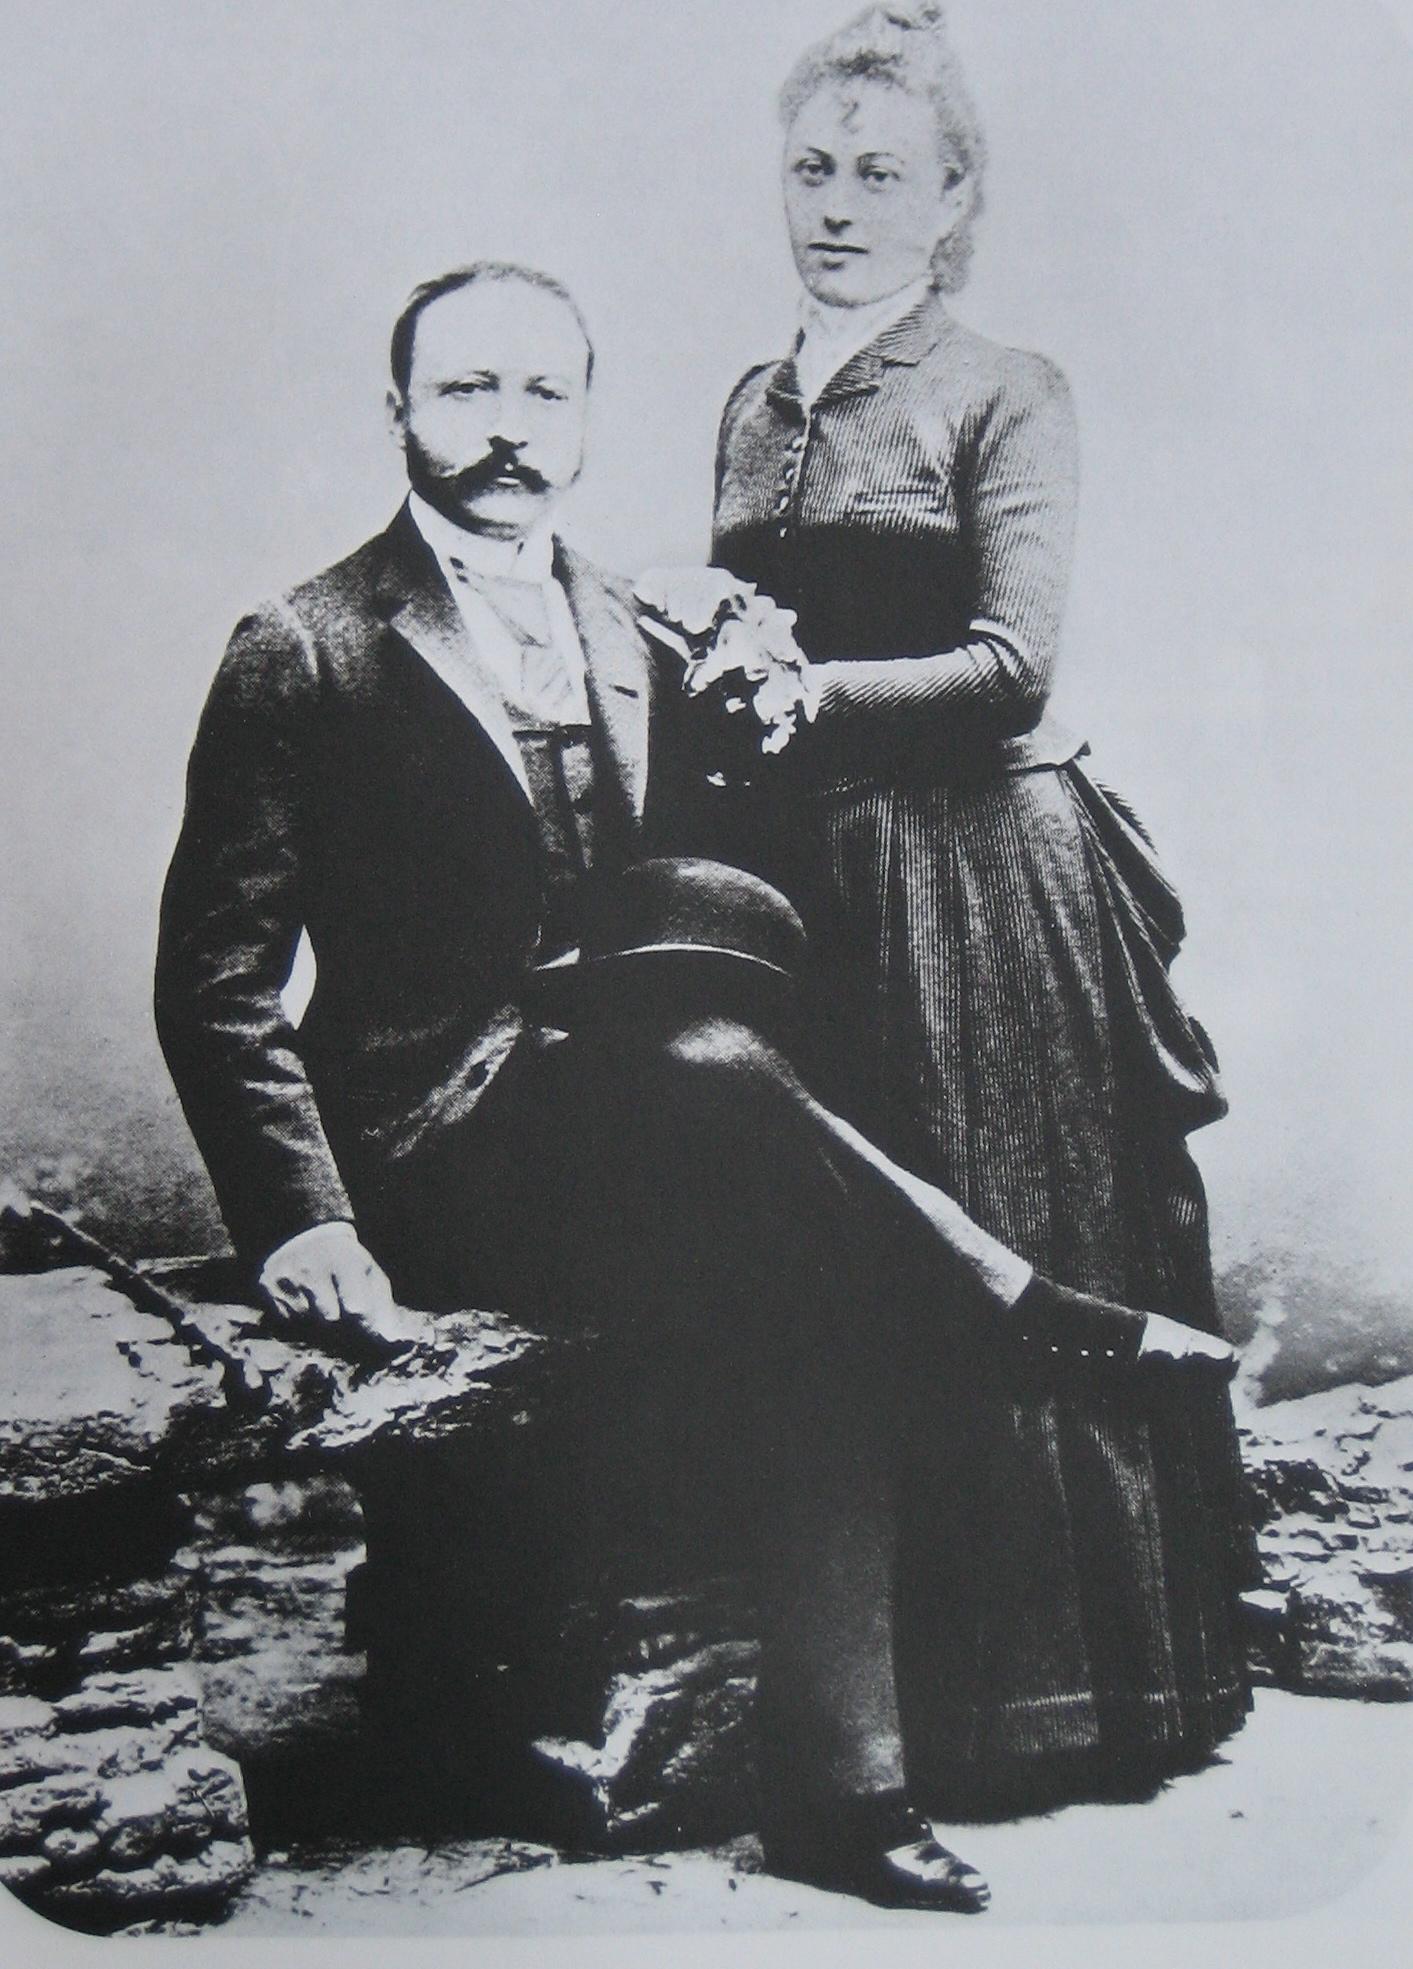 Сезар Риц с Мари-Луиз Риц